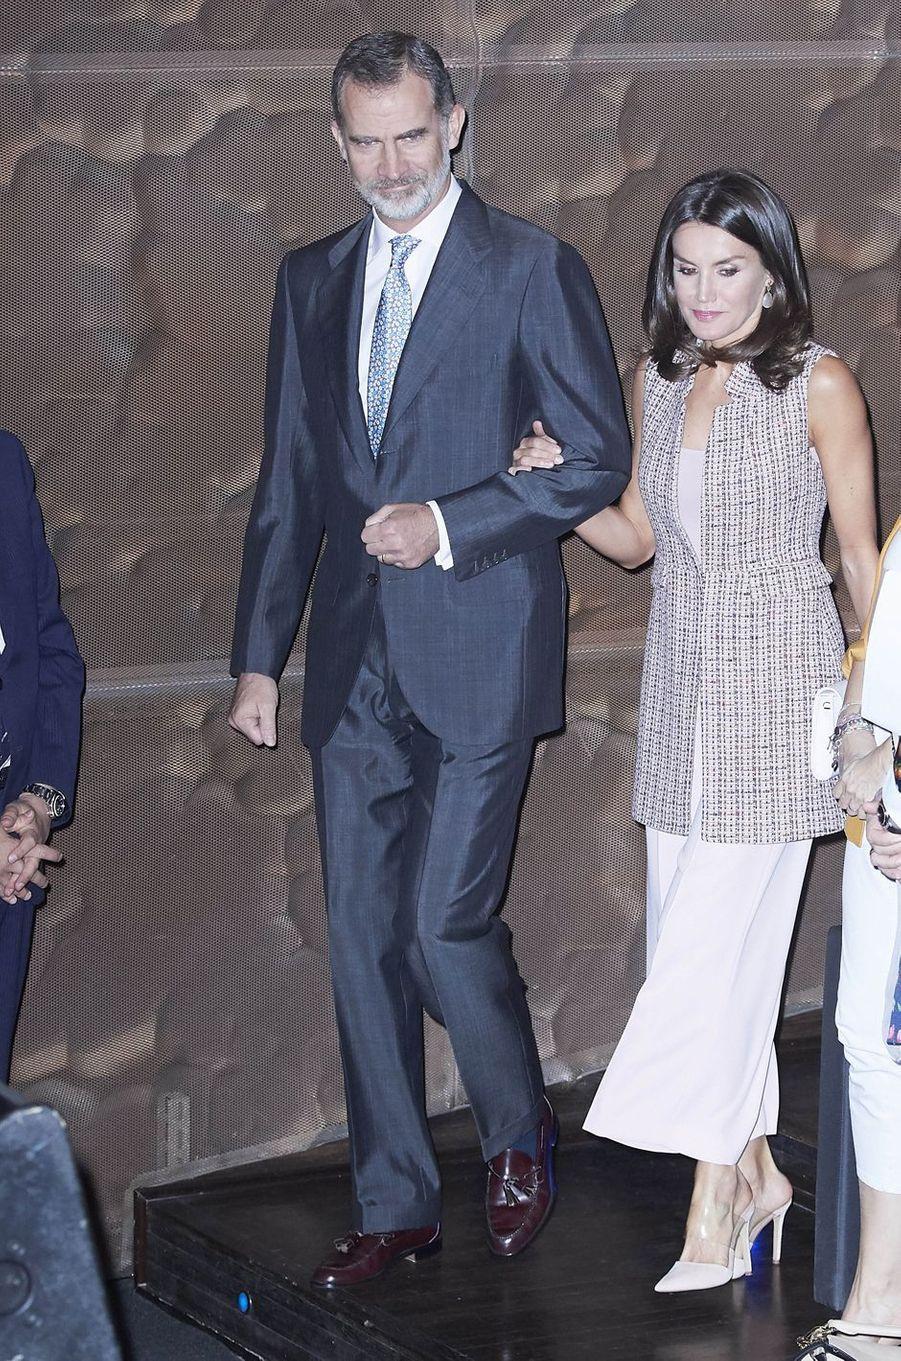 Le roi Felipe VI et la reine Letizia d'Espagne à Madrid, le 28 mai 2019